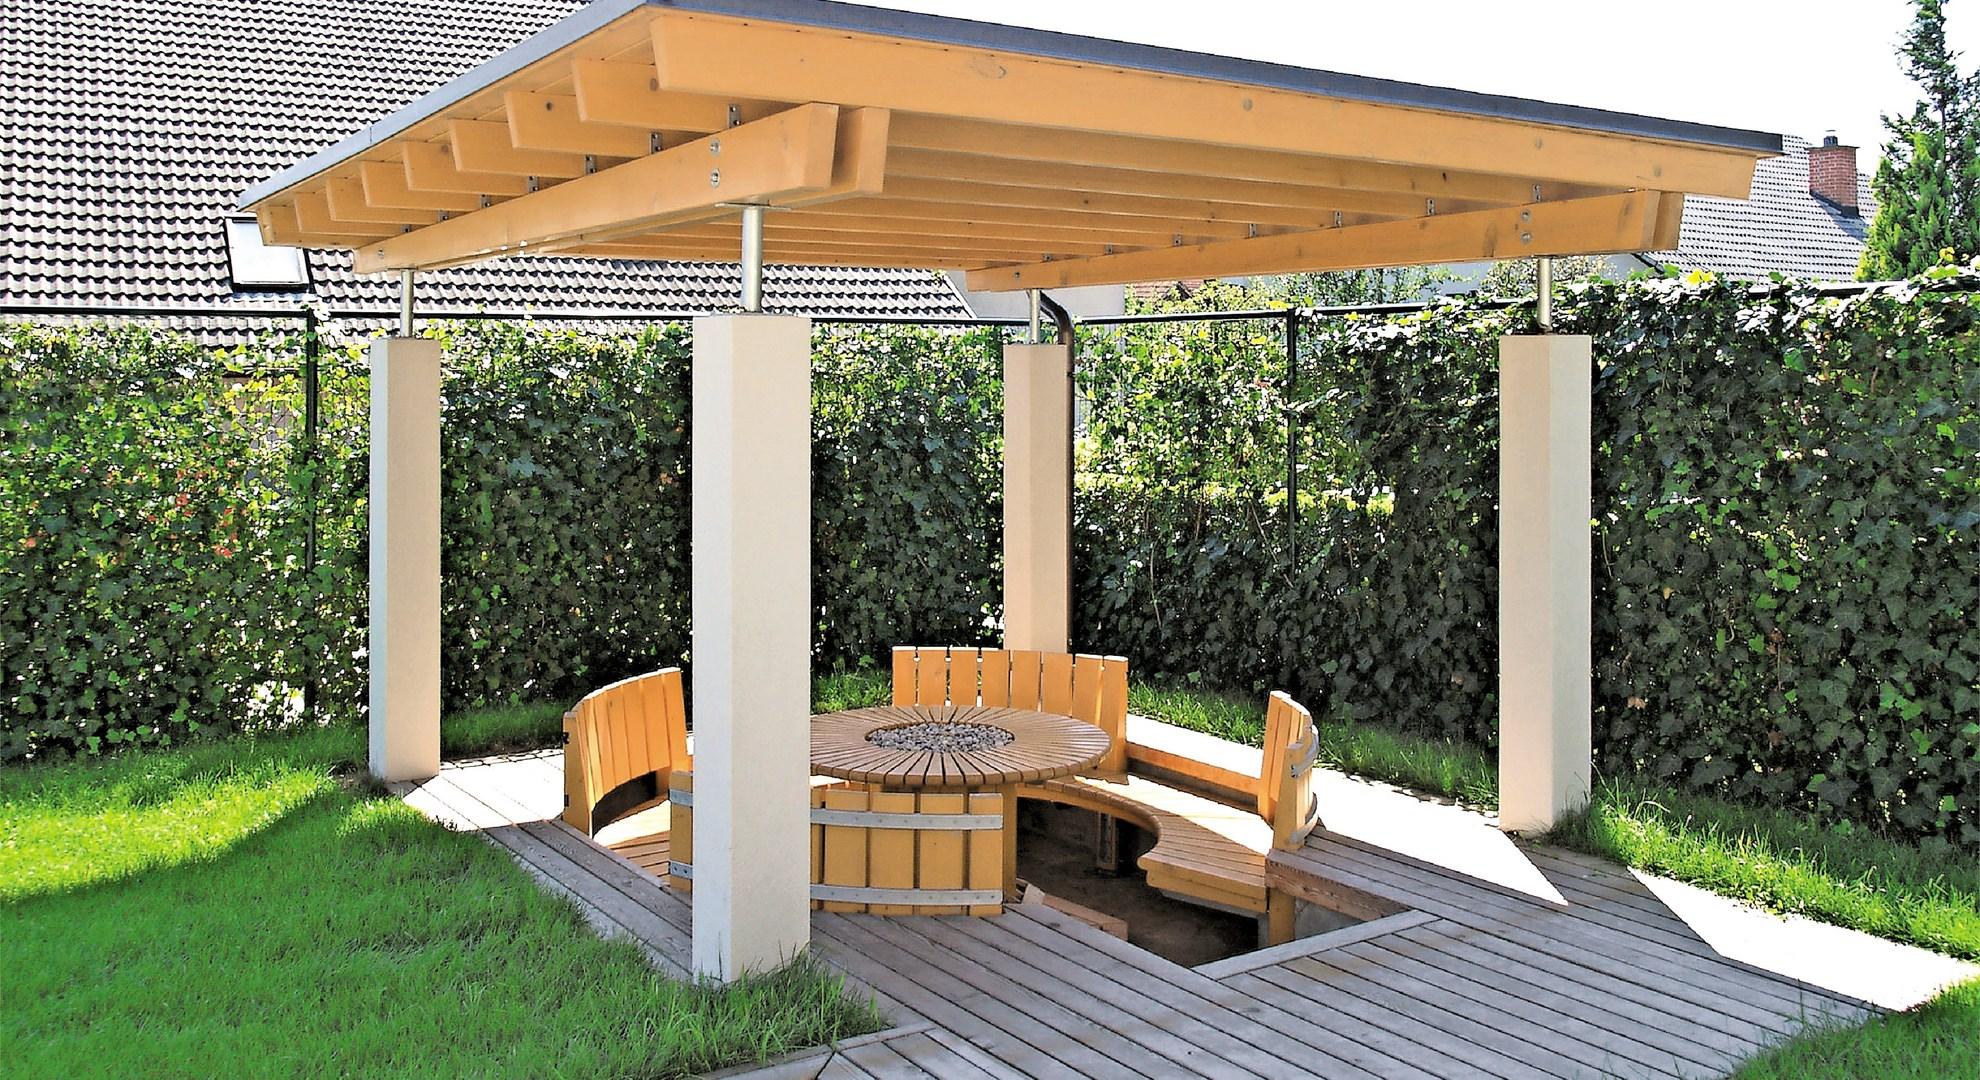 Lesena zunanja preobrazba: vkopani paviljon - povezovalna harmonija